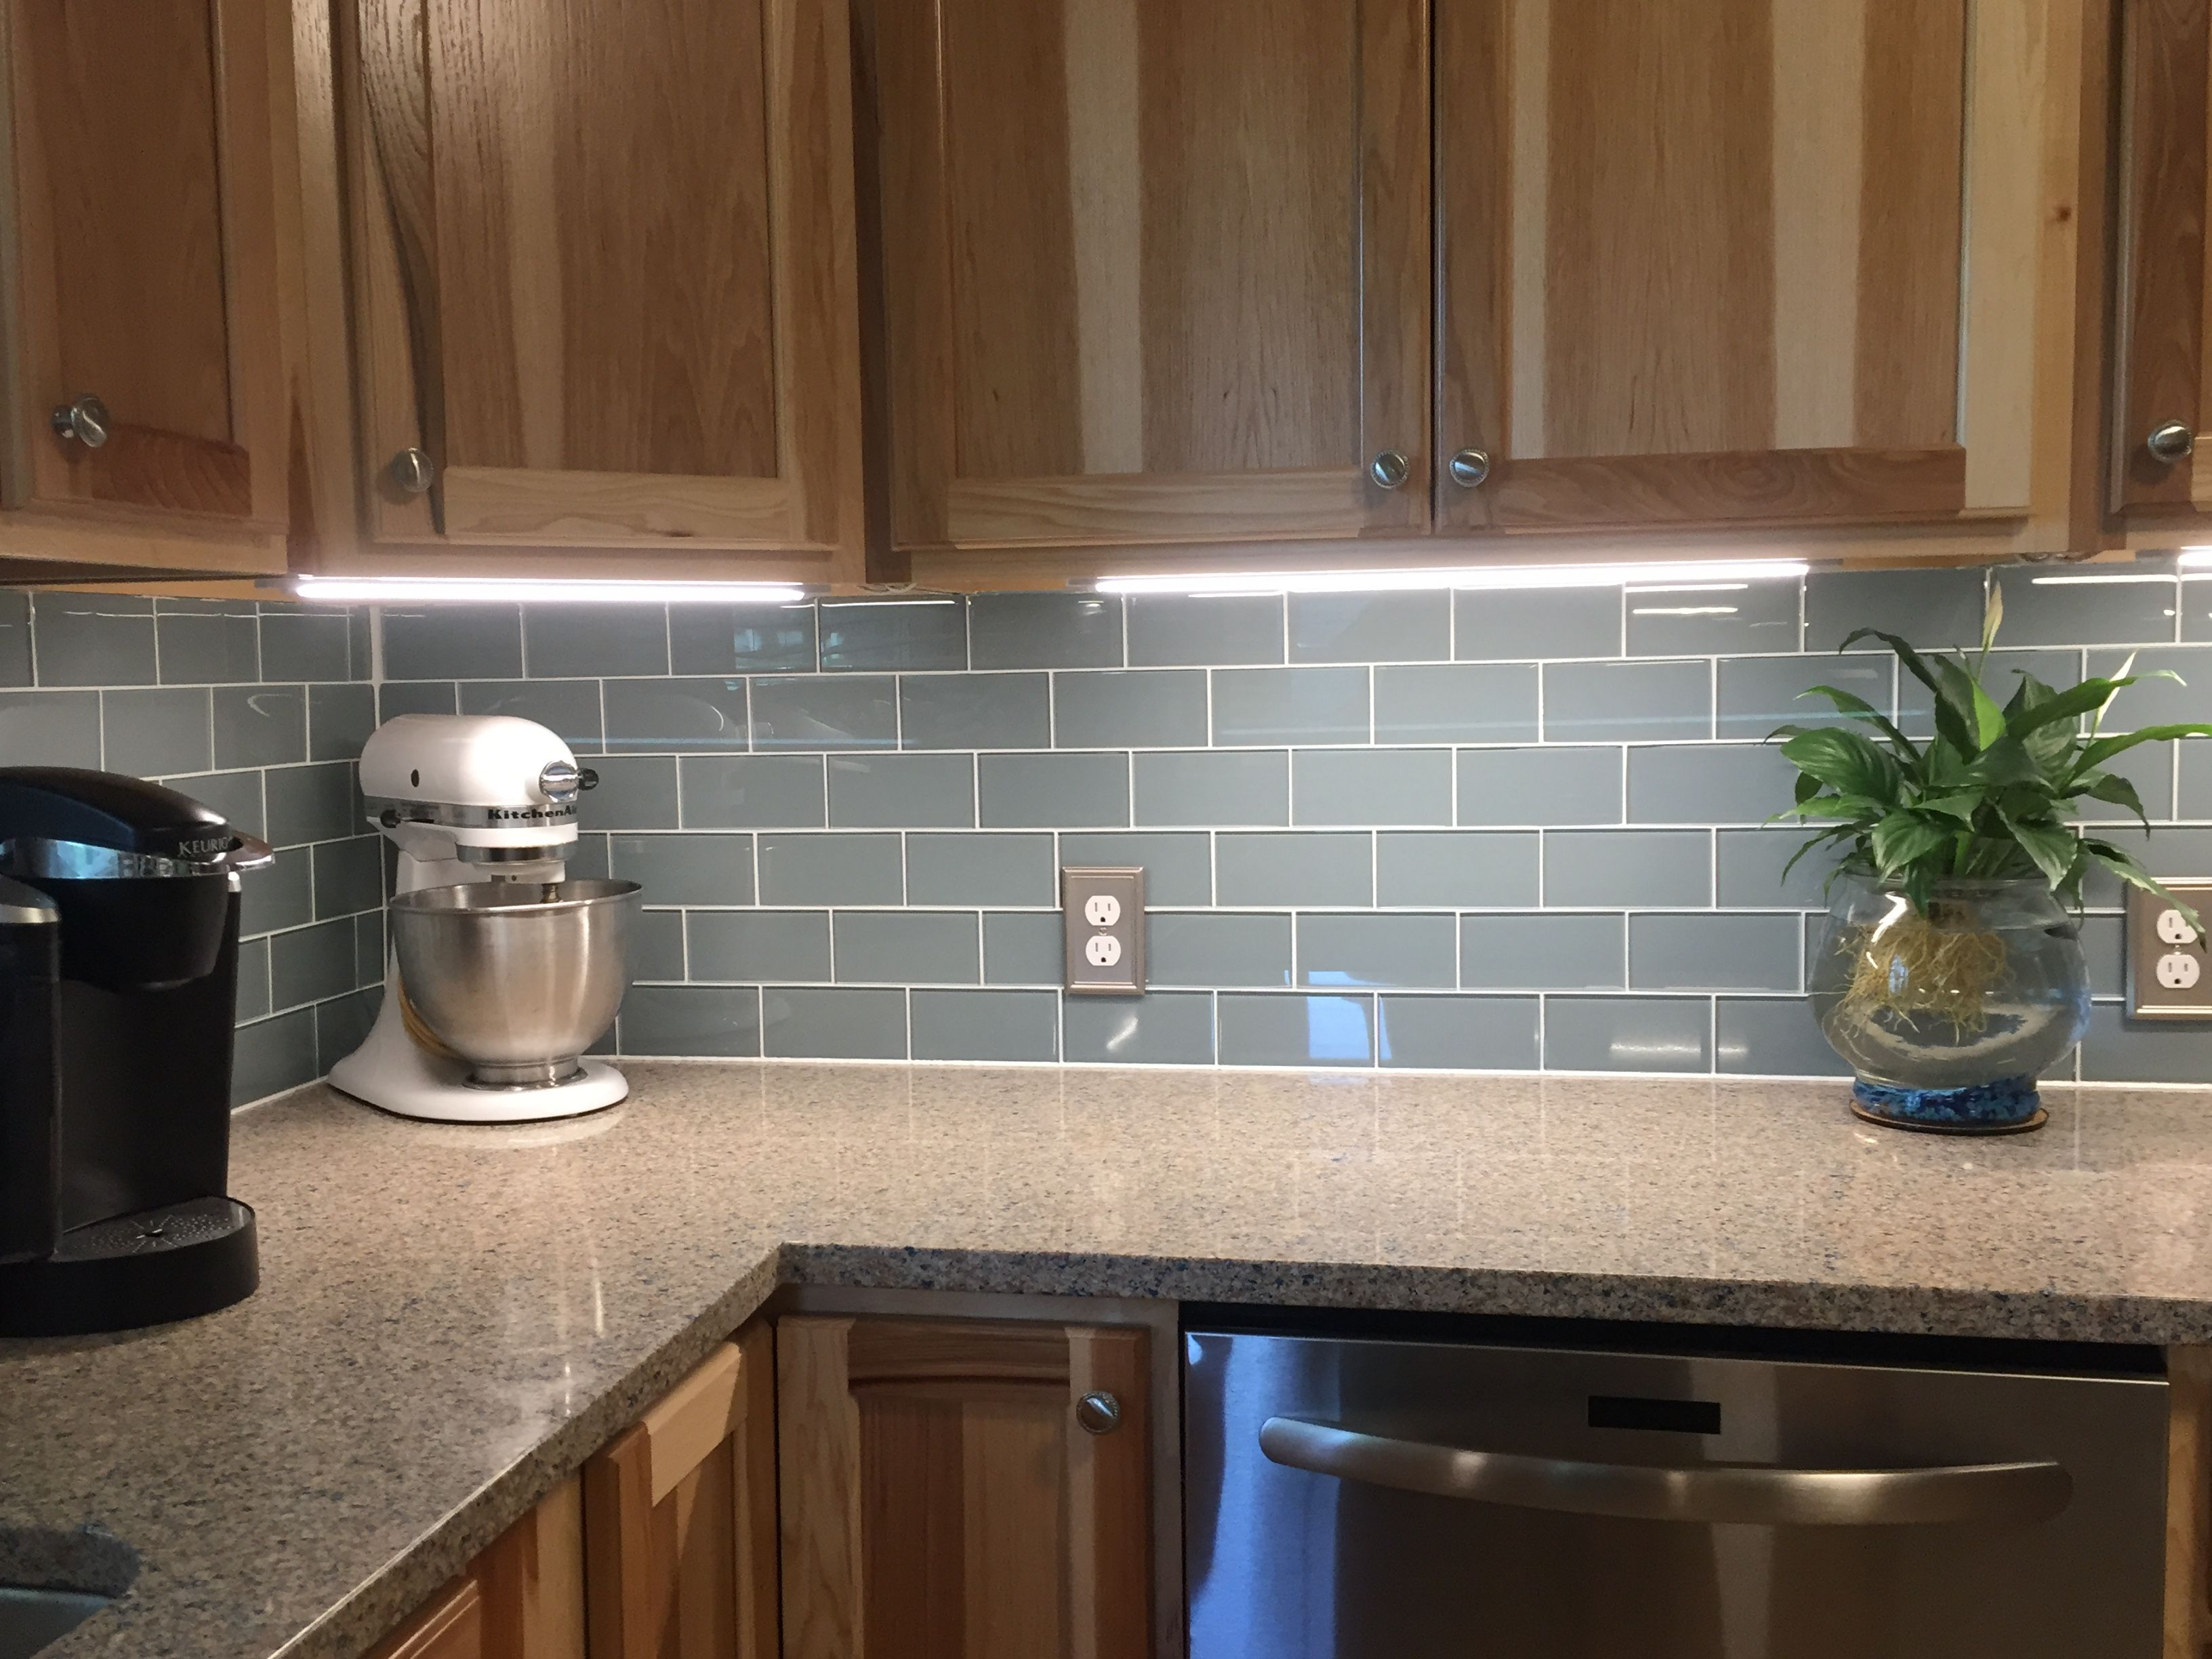 نقشه راه بازسازی منزل، آنچه درباره بازسازی آشپزخانه نمیدانستید!